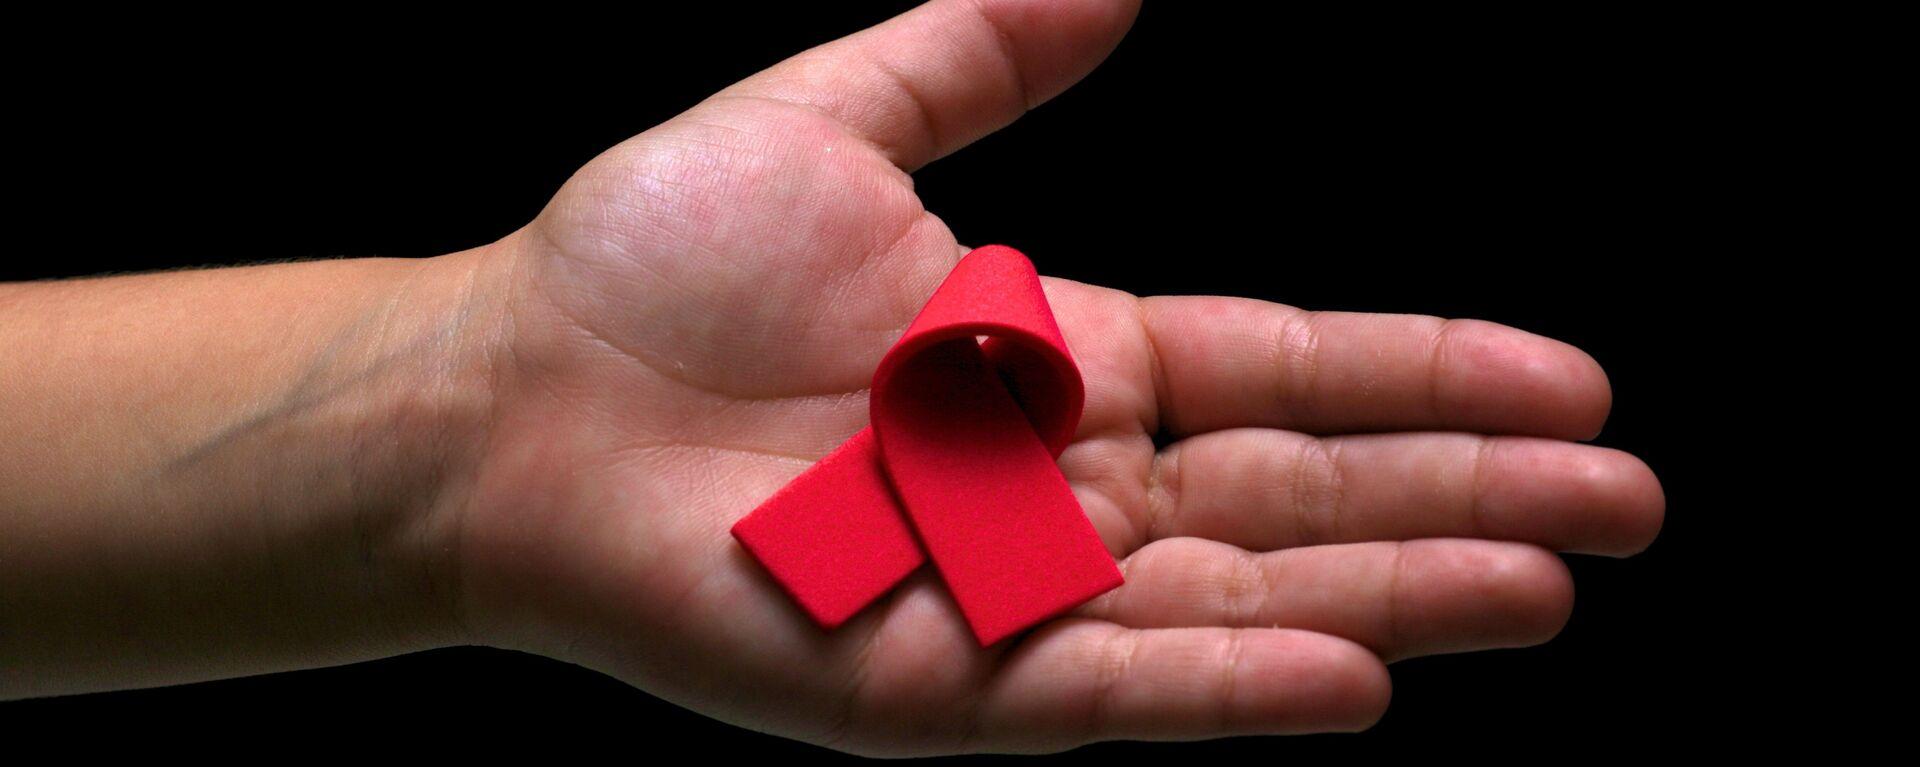 El lazo rojo, símbolo de la lucha contra el VIH y el SIDA  - Sputnik Mundo, 1920, 04.06.2021